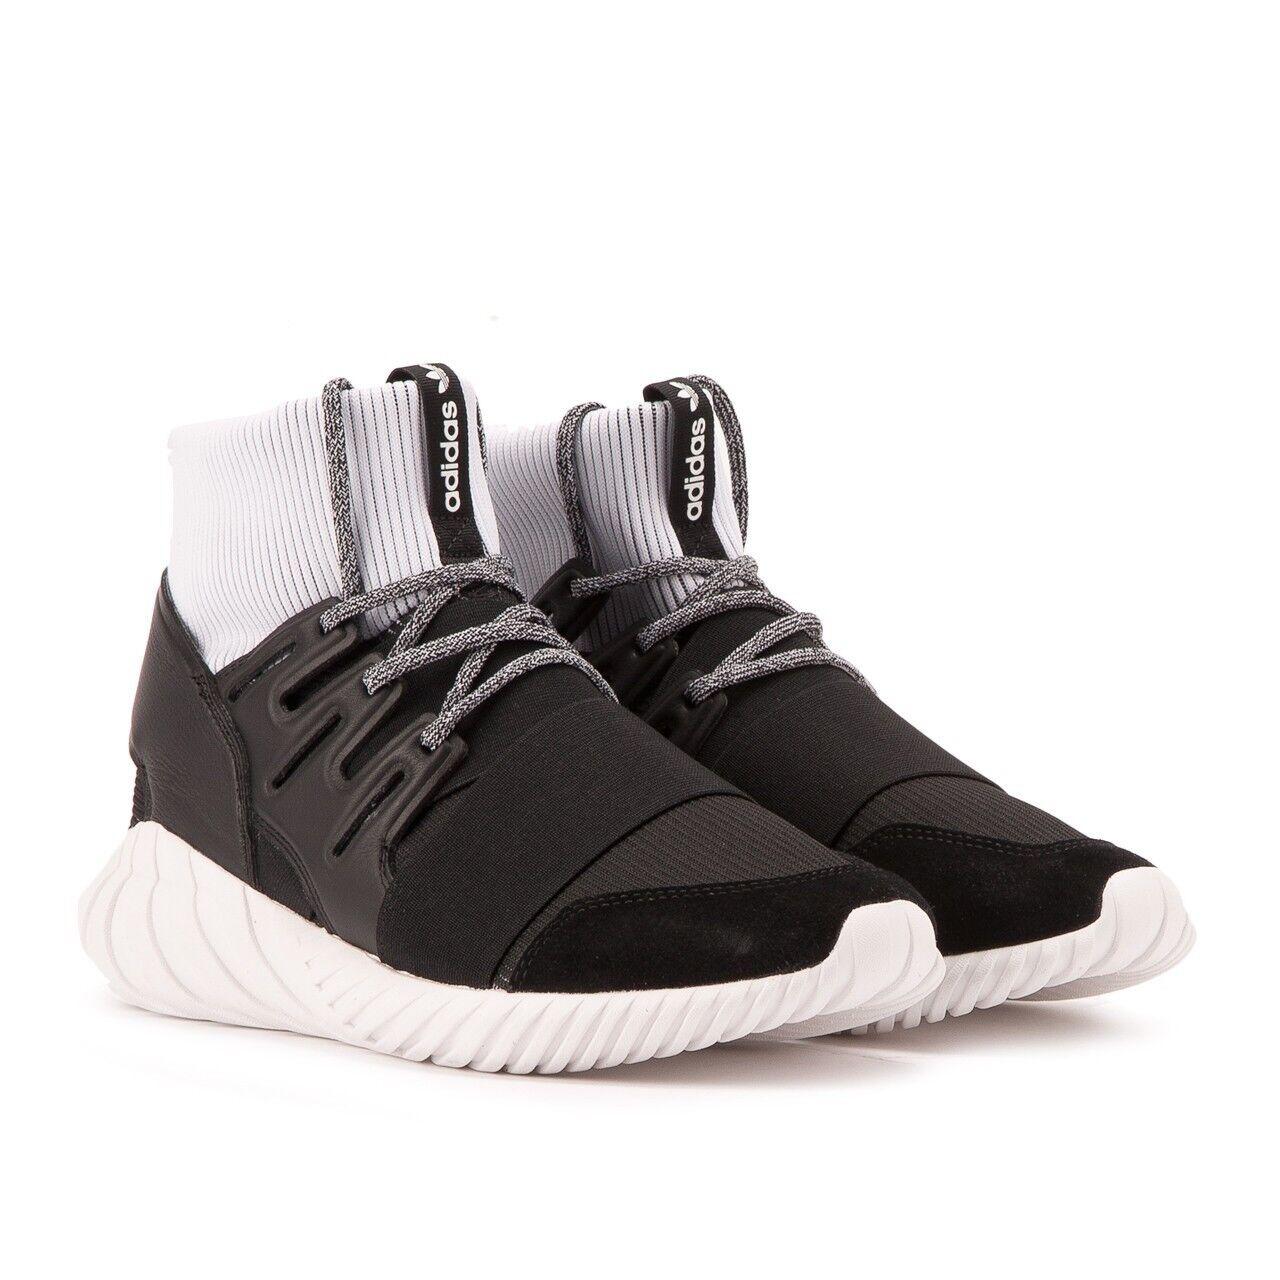 Adidas per doom primeknit id: nero 43 di scarpe id: primeknit ba7555 a44fb1